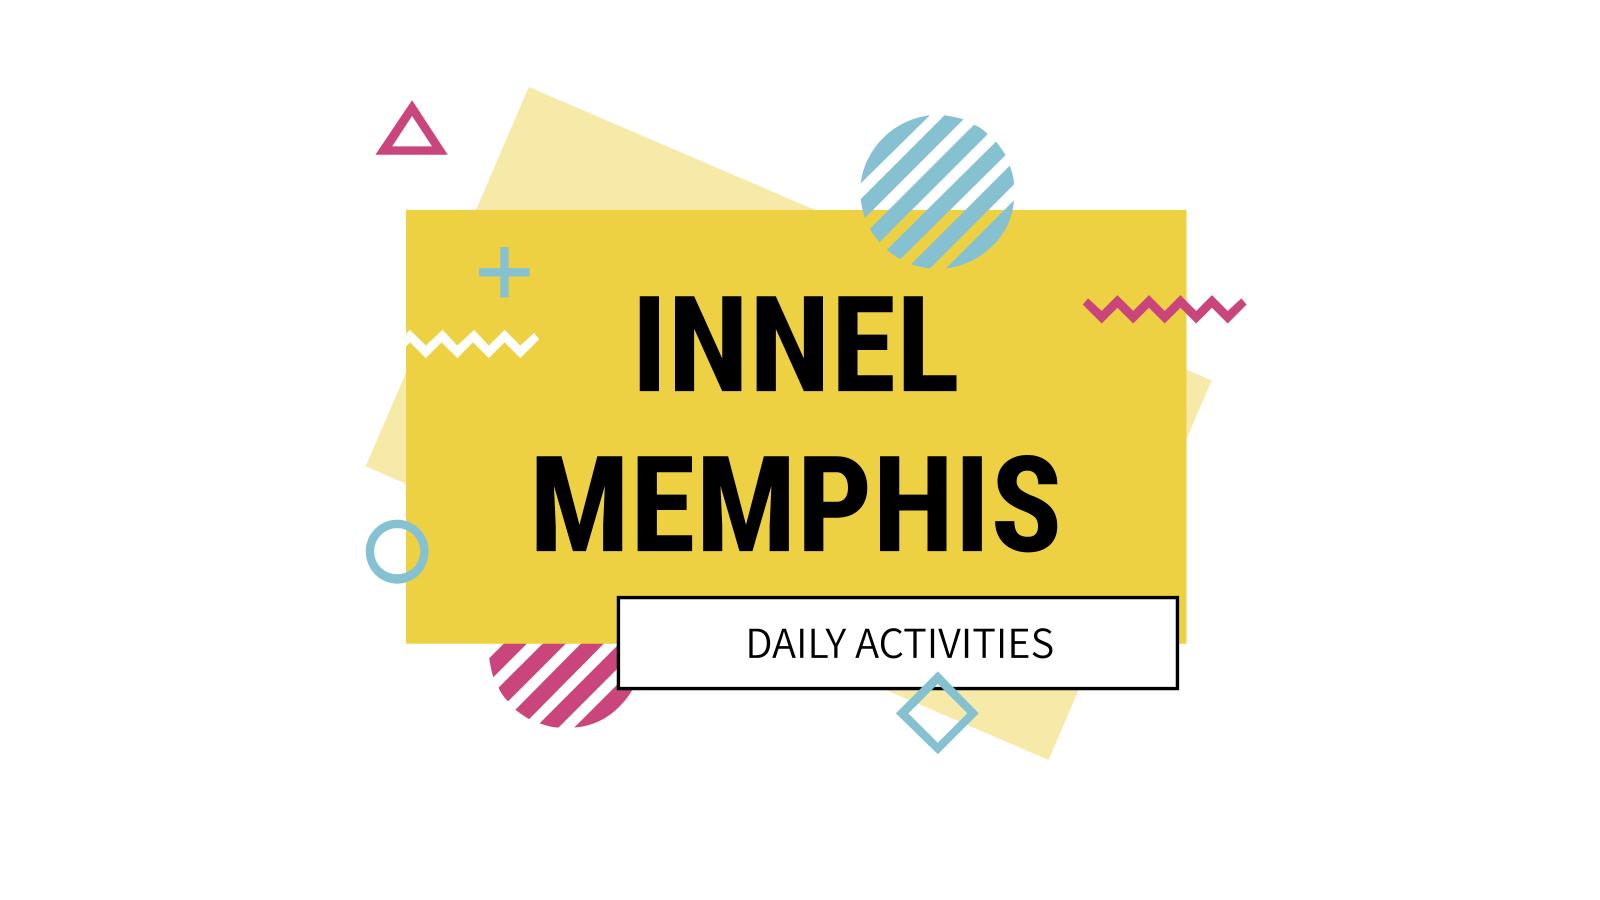 Activités quotidiennes Innel Memphis : Modèles de présentation